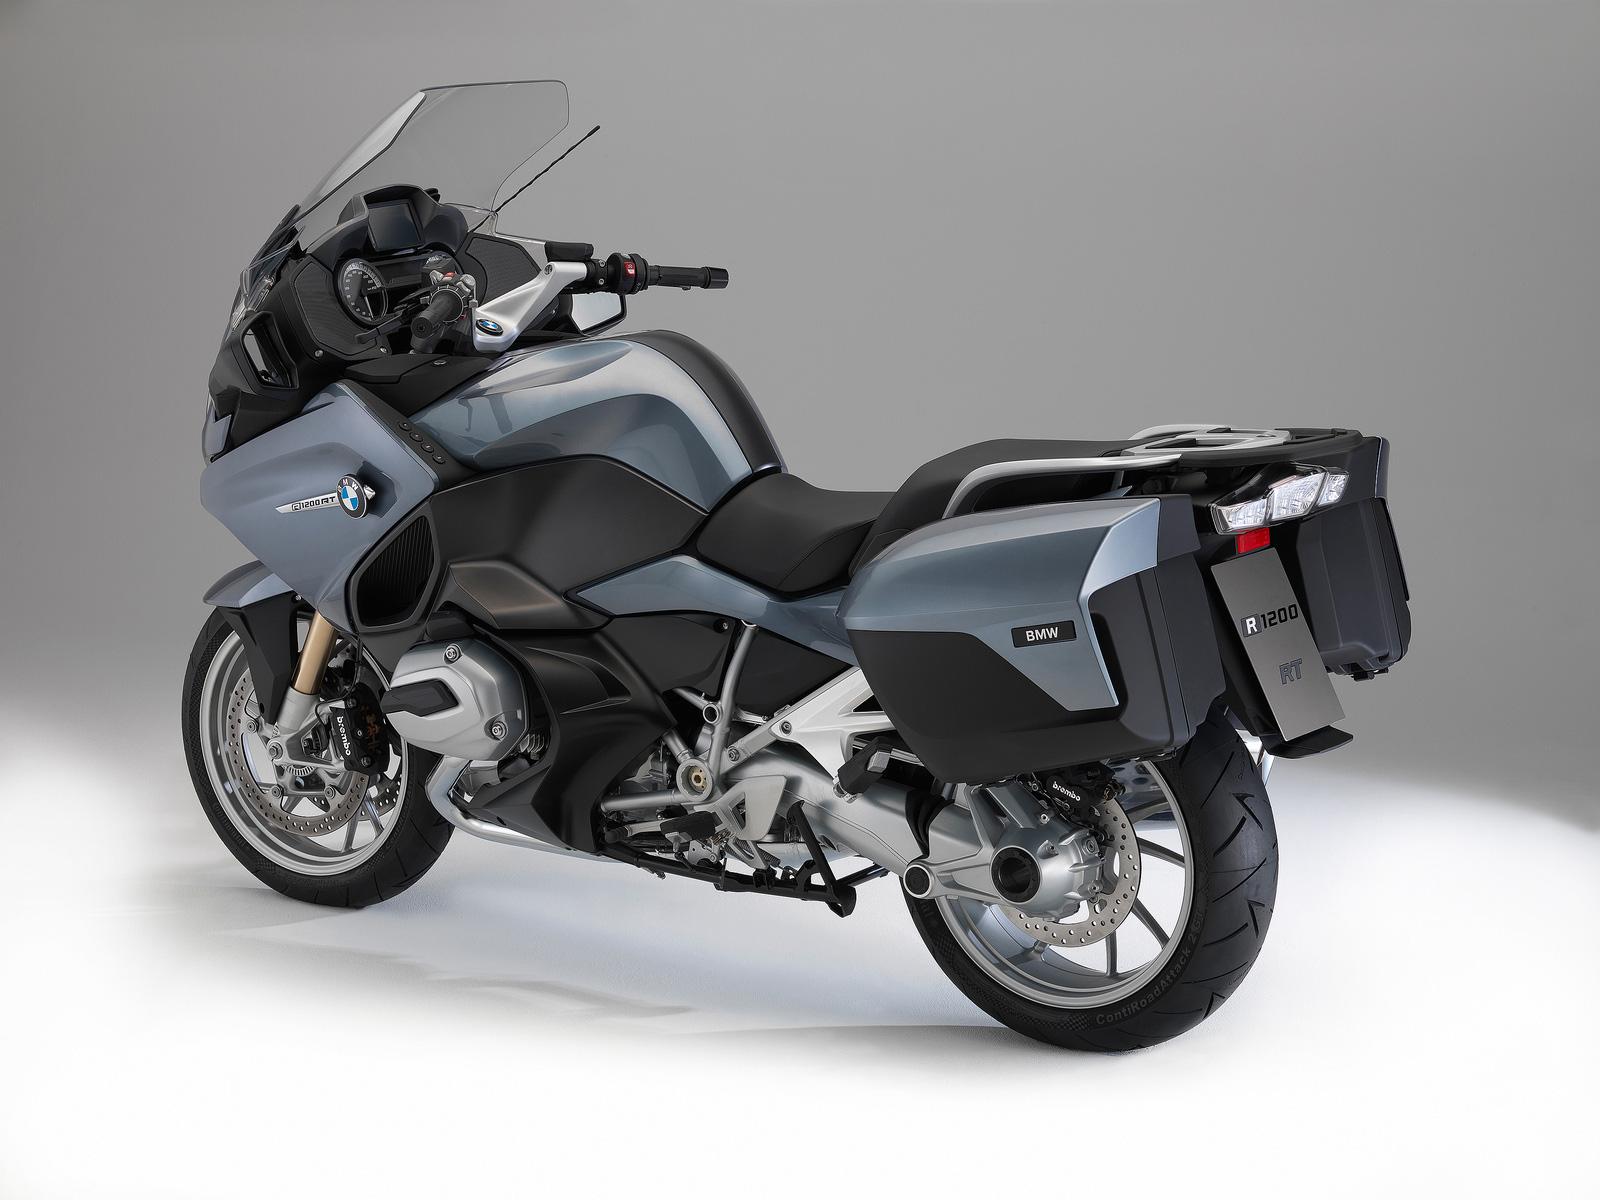 【宝马BMW 2014 R1200RT摩托车图片】_摩托车图片库_摩托车之家